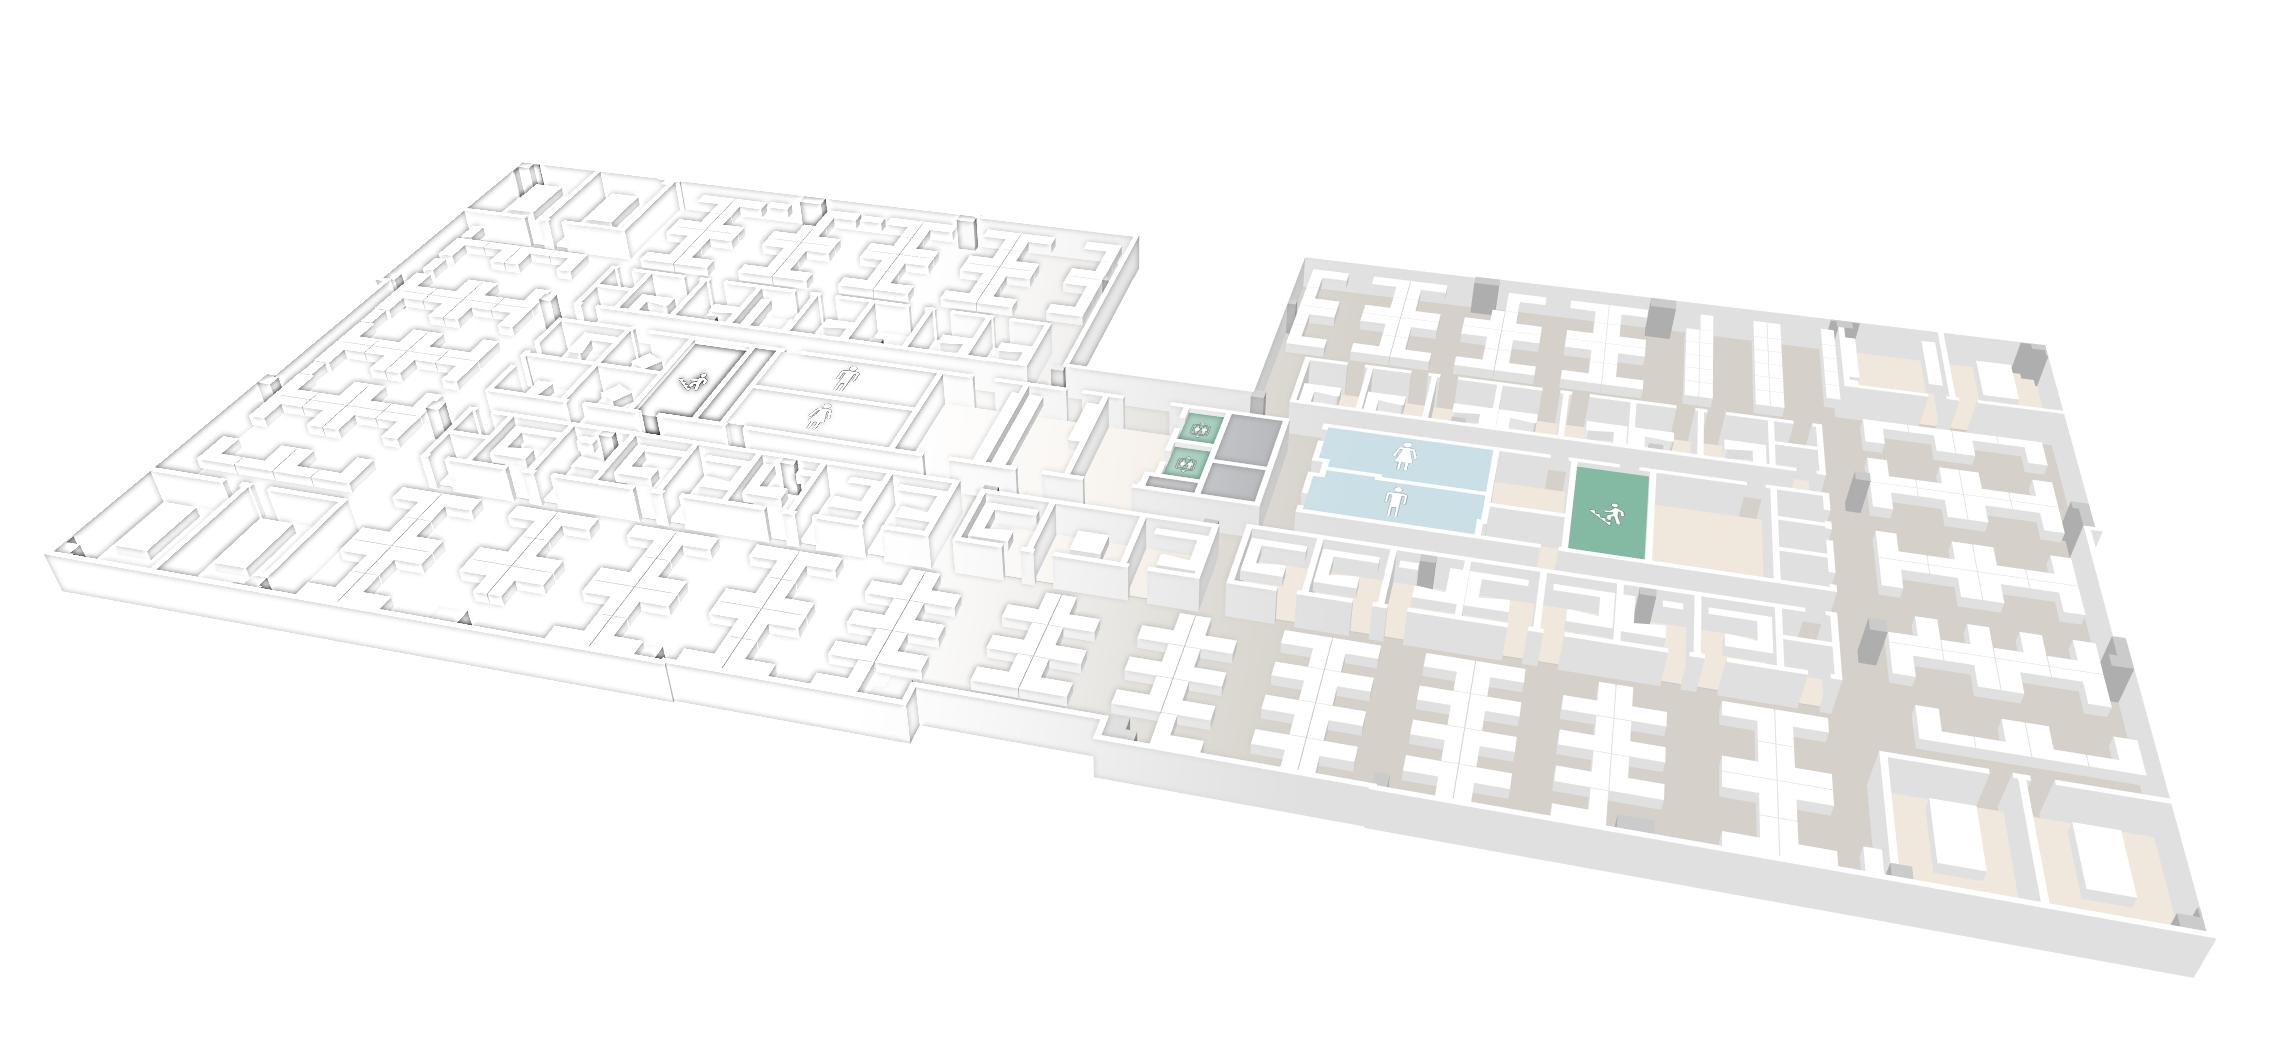 mappedin digital twin office map